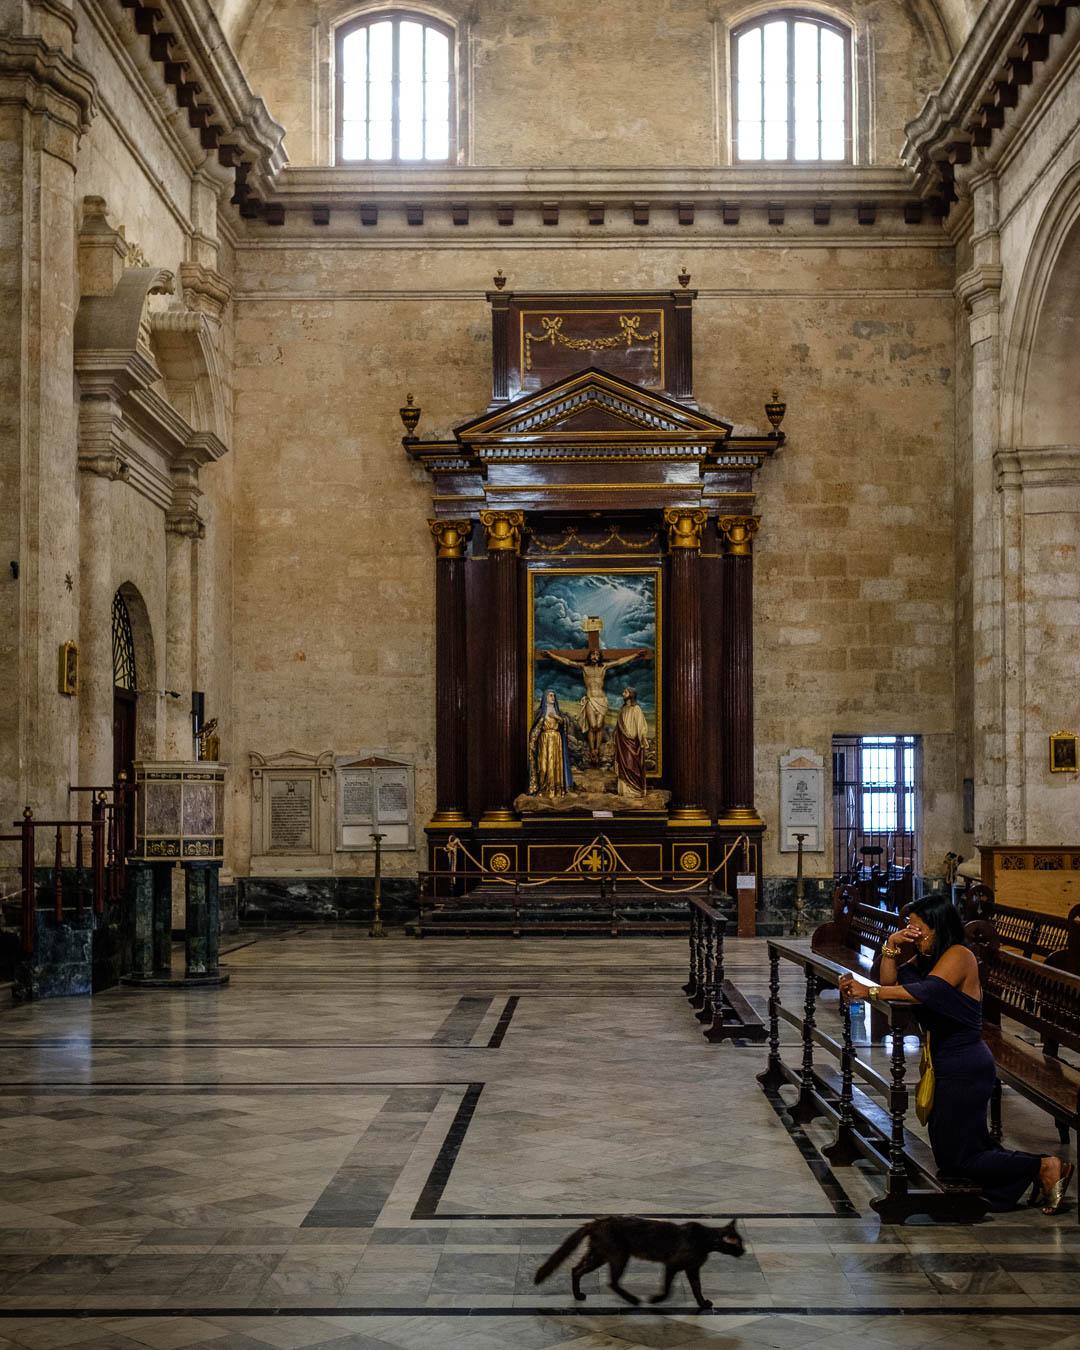 180426-Havana-163-1080.jpg